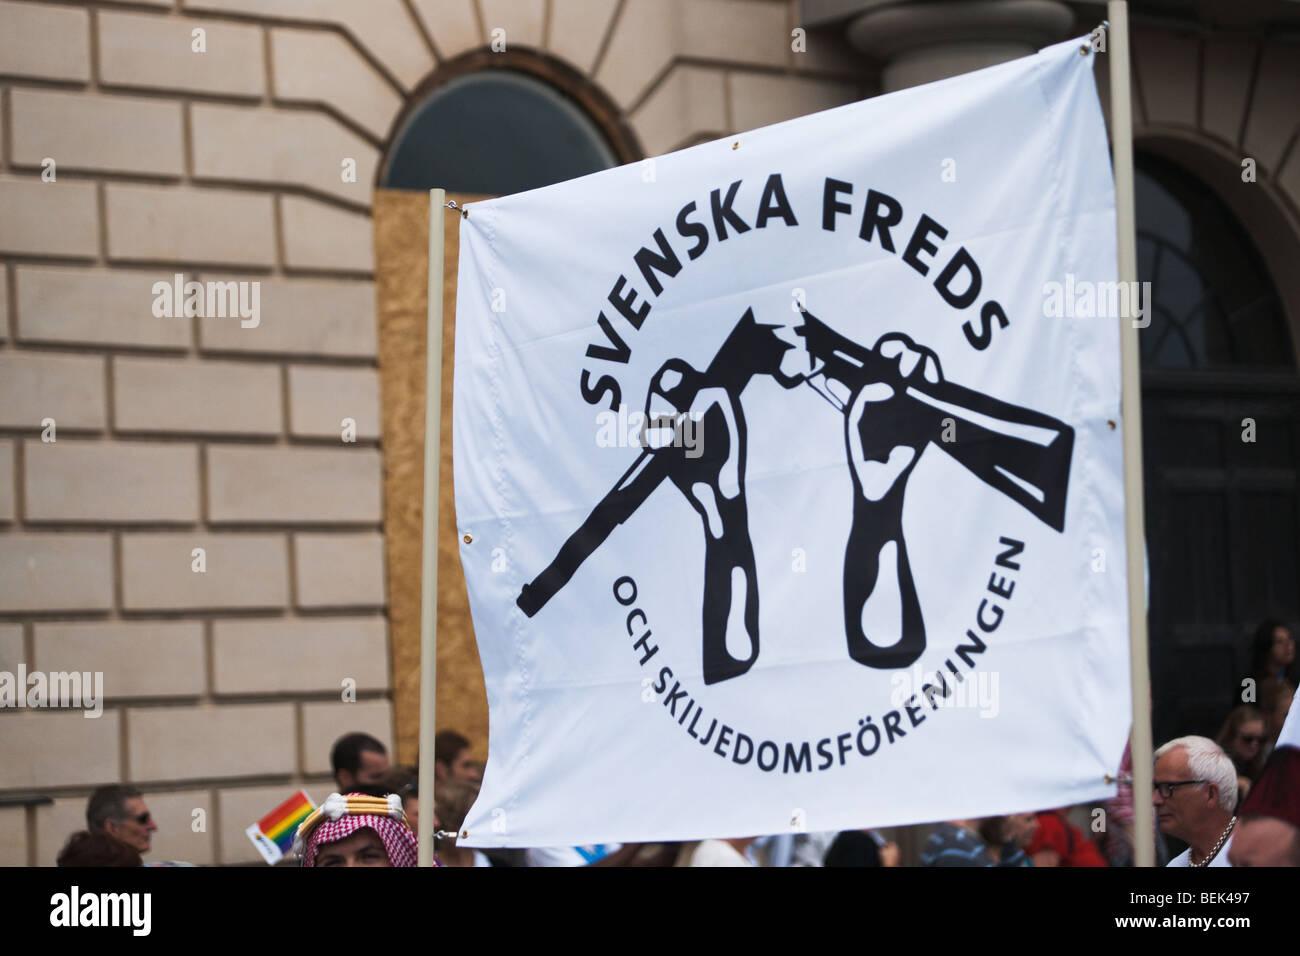 Svenska Freds och Skiljedomsföreningen, Swedish peace movement marching in the Stockholm Pride parade. - Stock Image